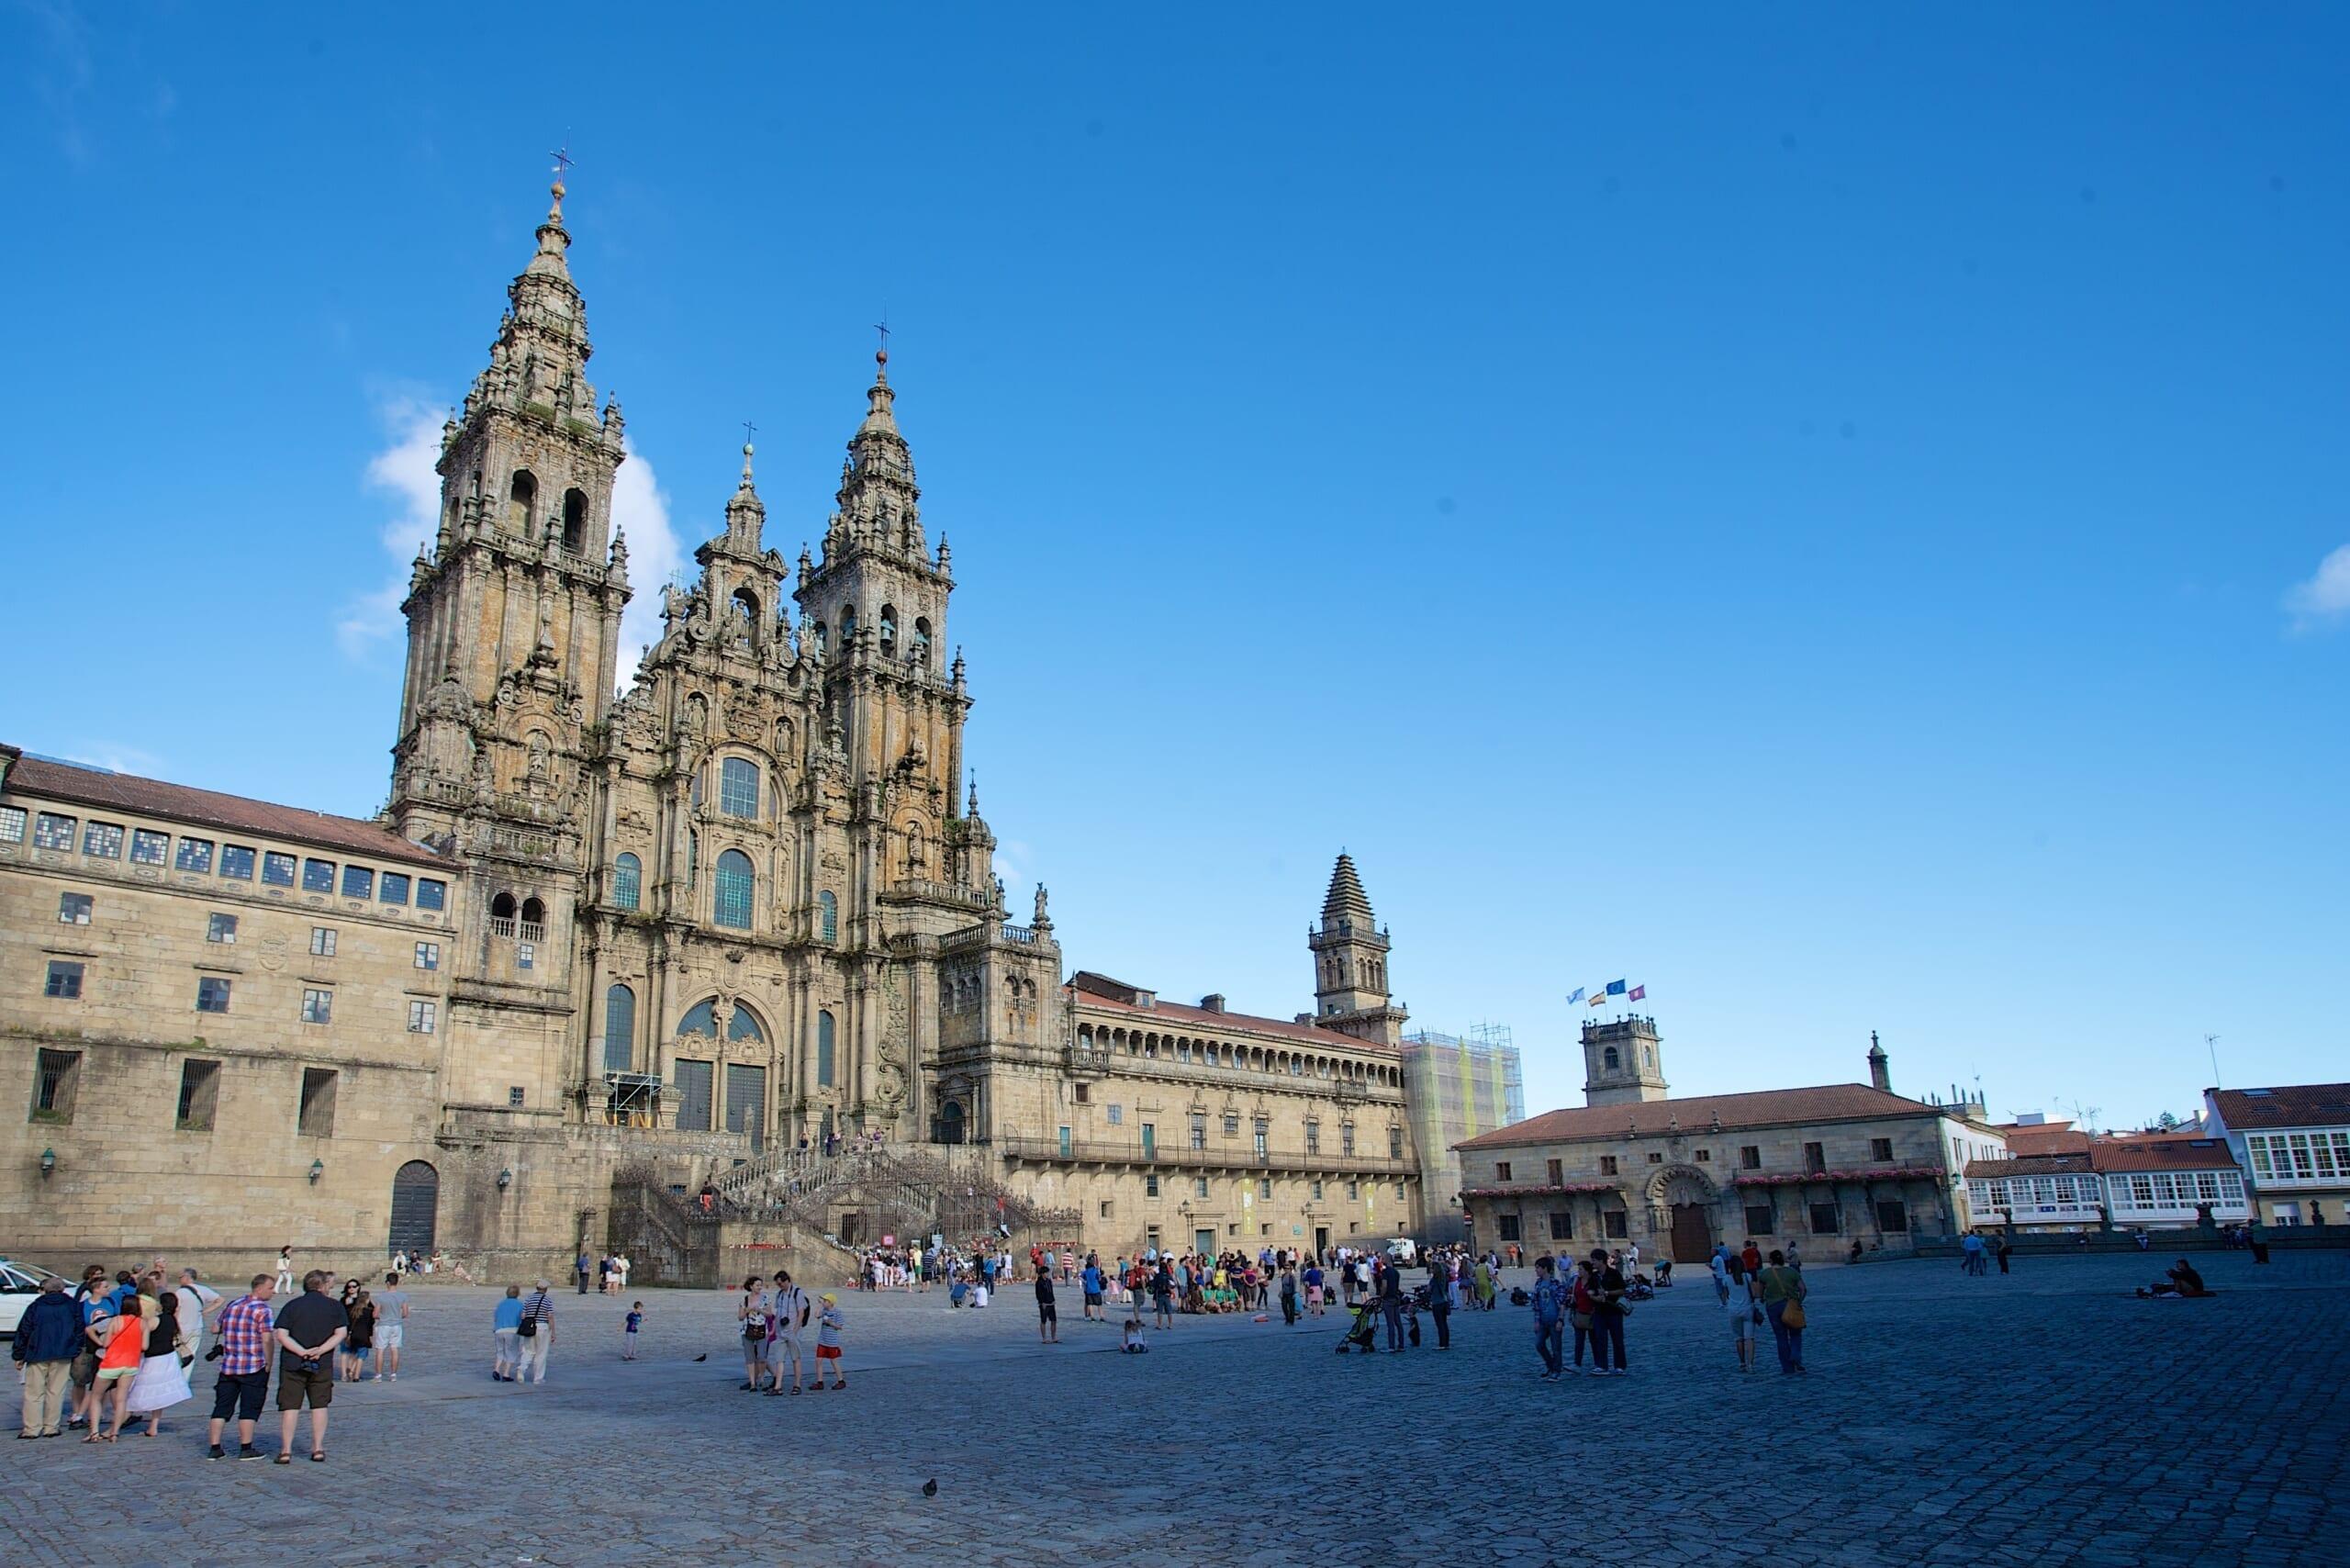 北スペインの観光スポットであるガリシアのサンティアゴ・デ・コンポステーラ大聖堂